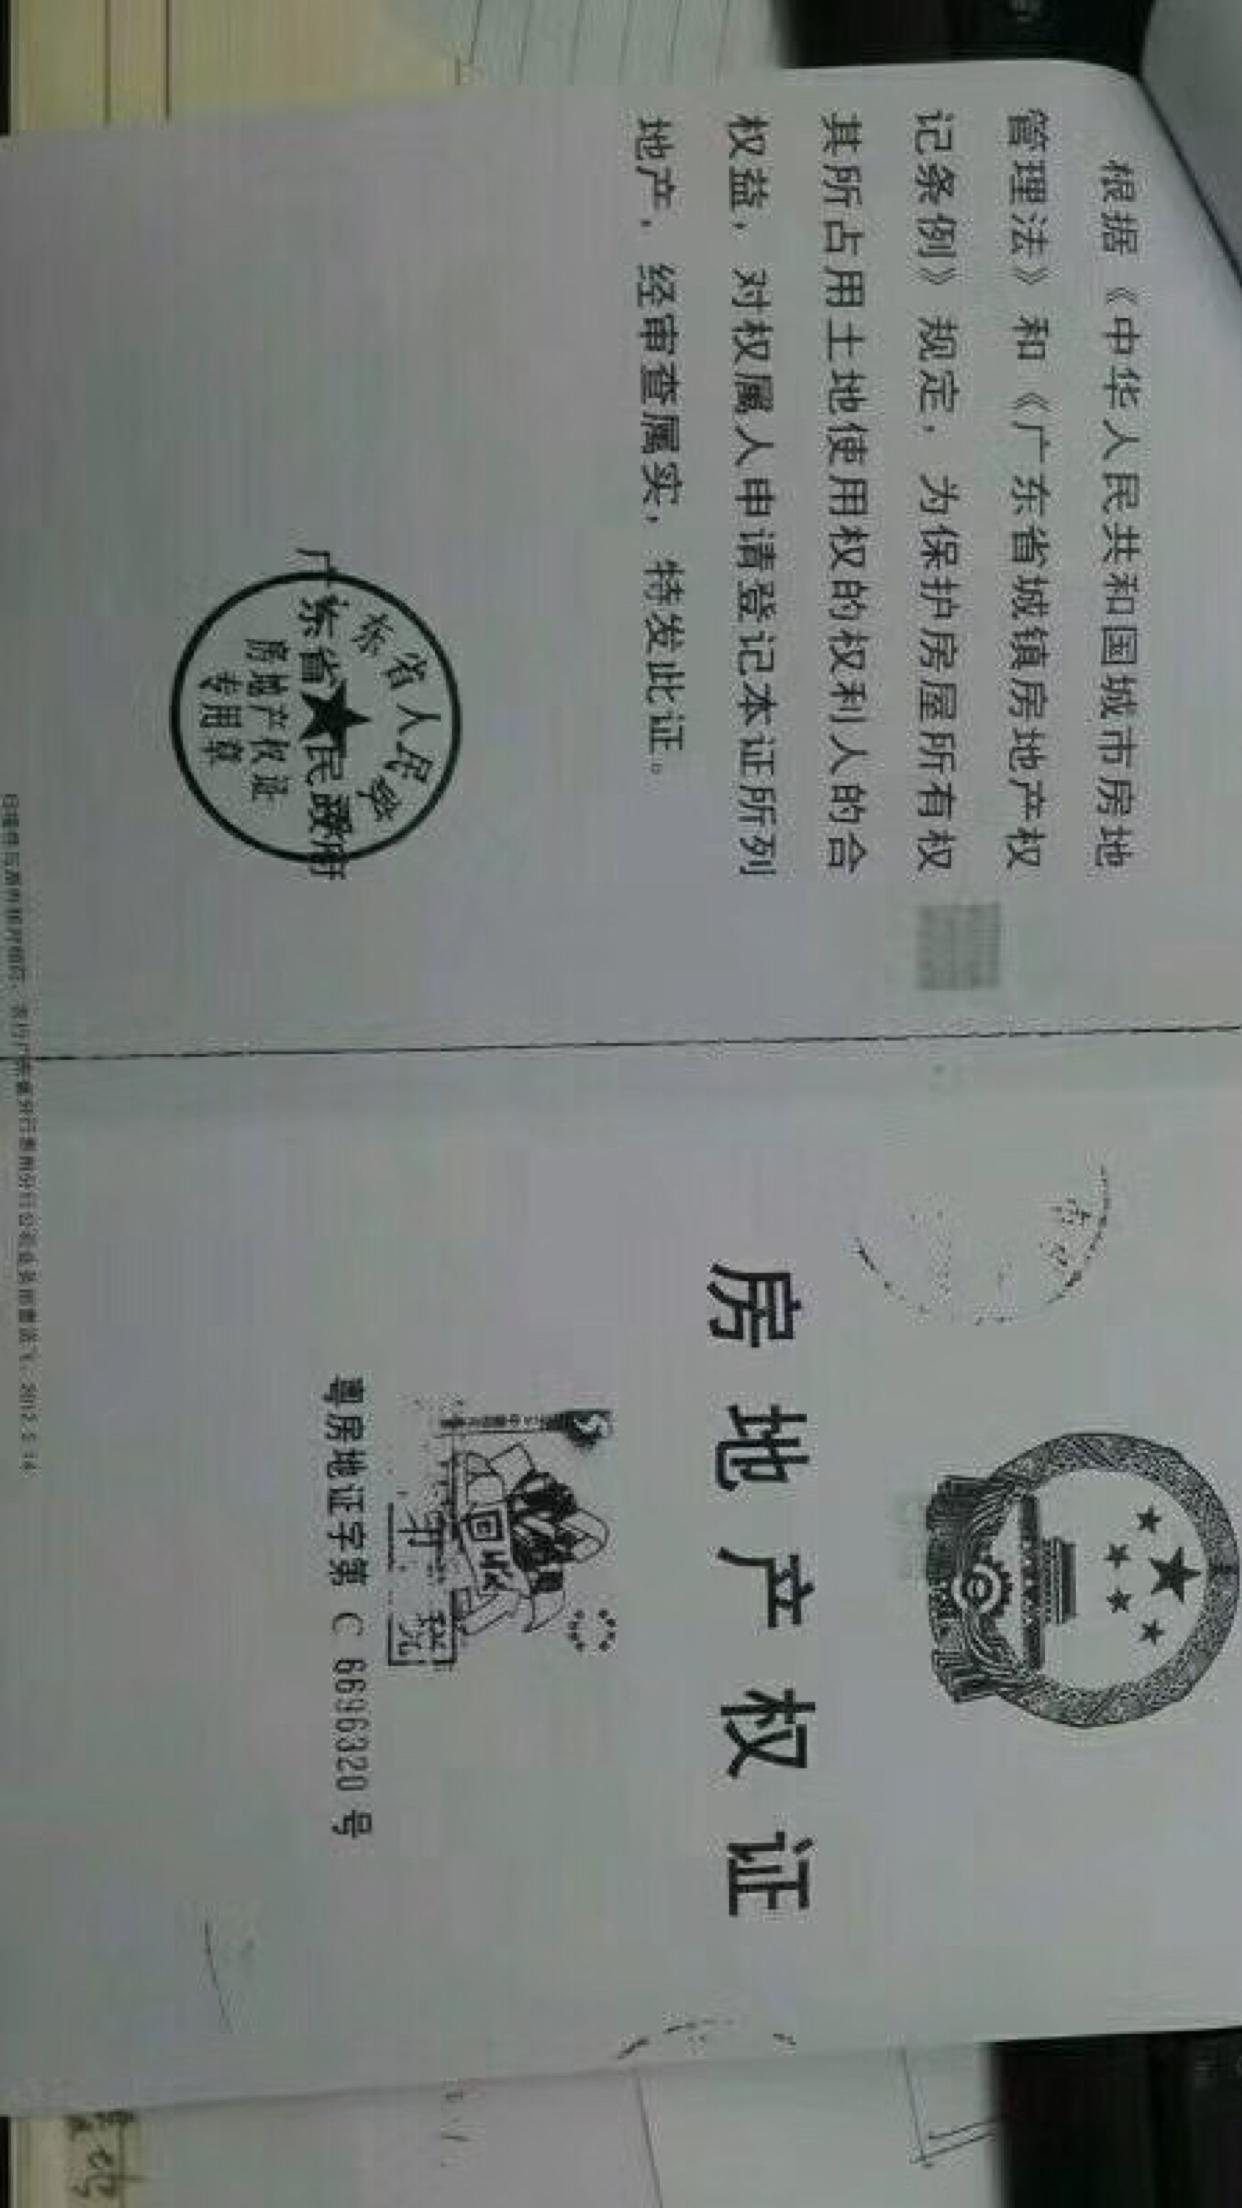 惠州水口裕元华阳工业园,土地54201.7平方米出售